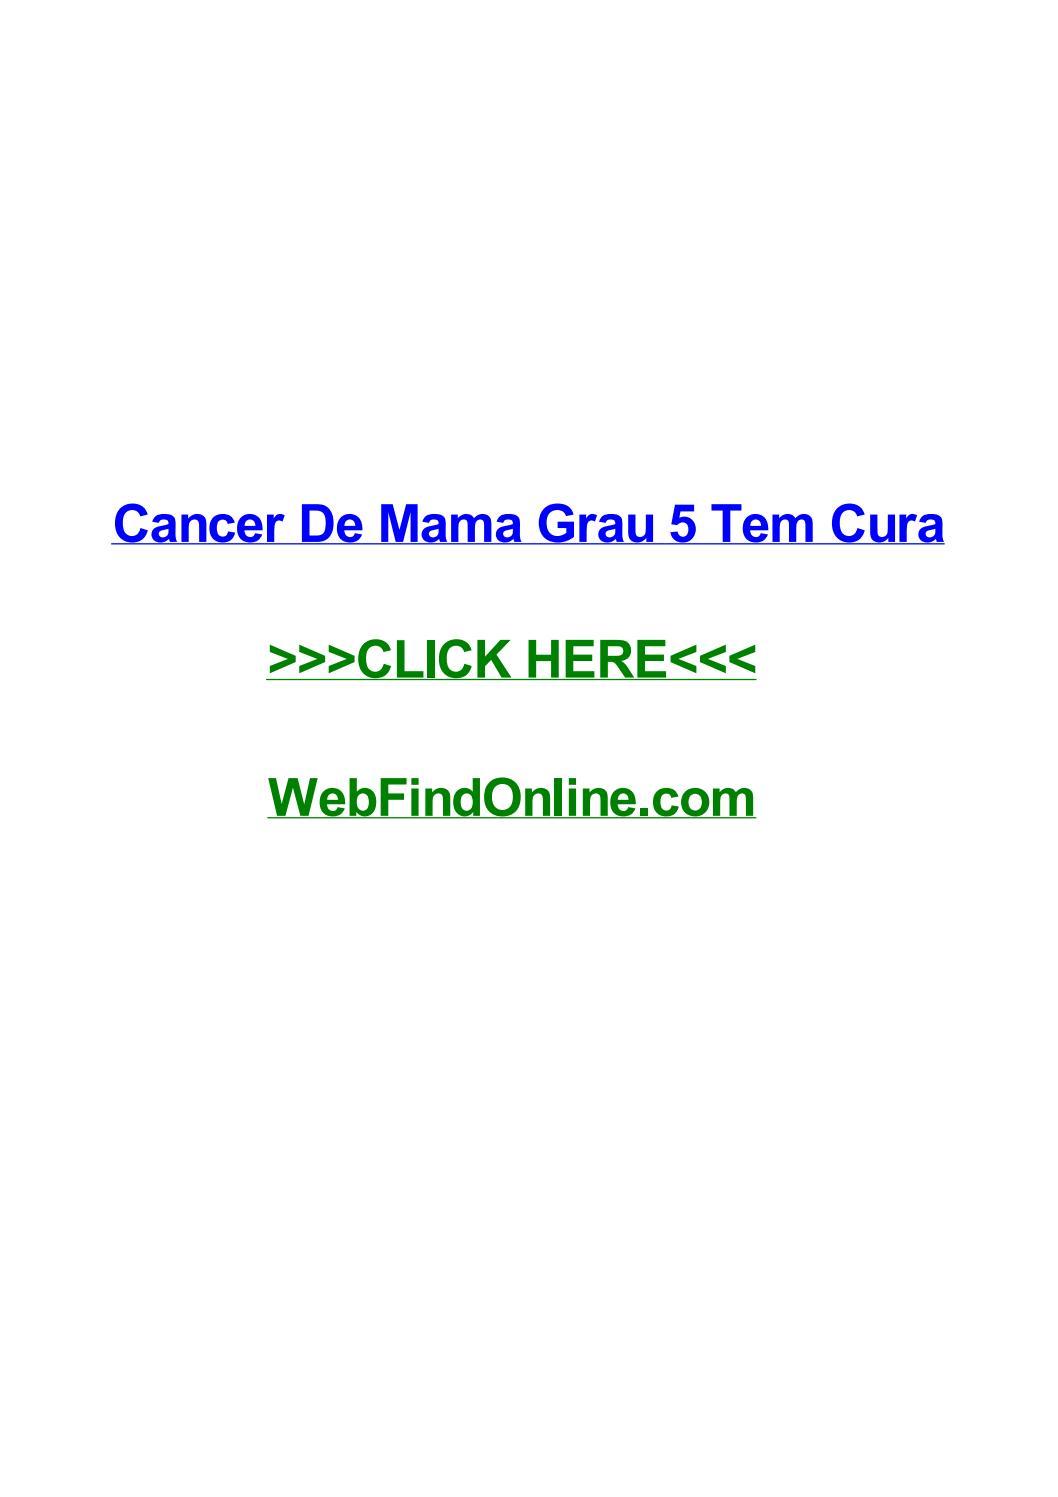 cancer de prostata grau 5 tem cura